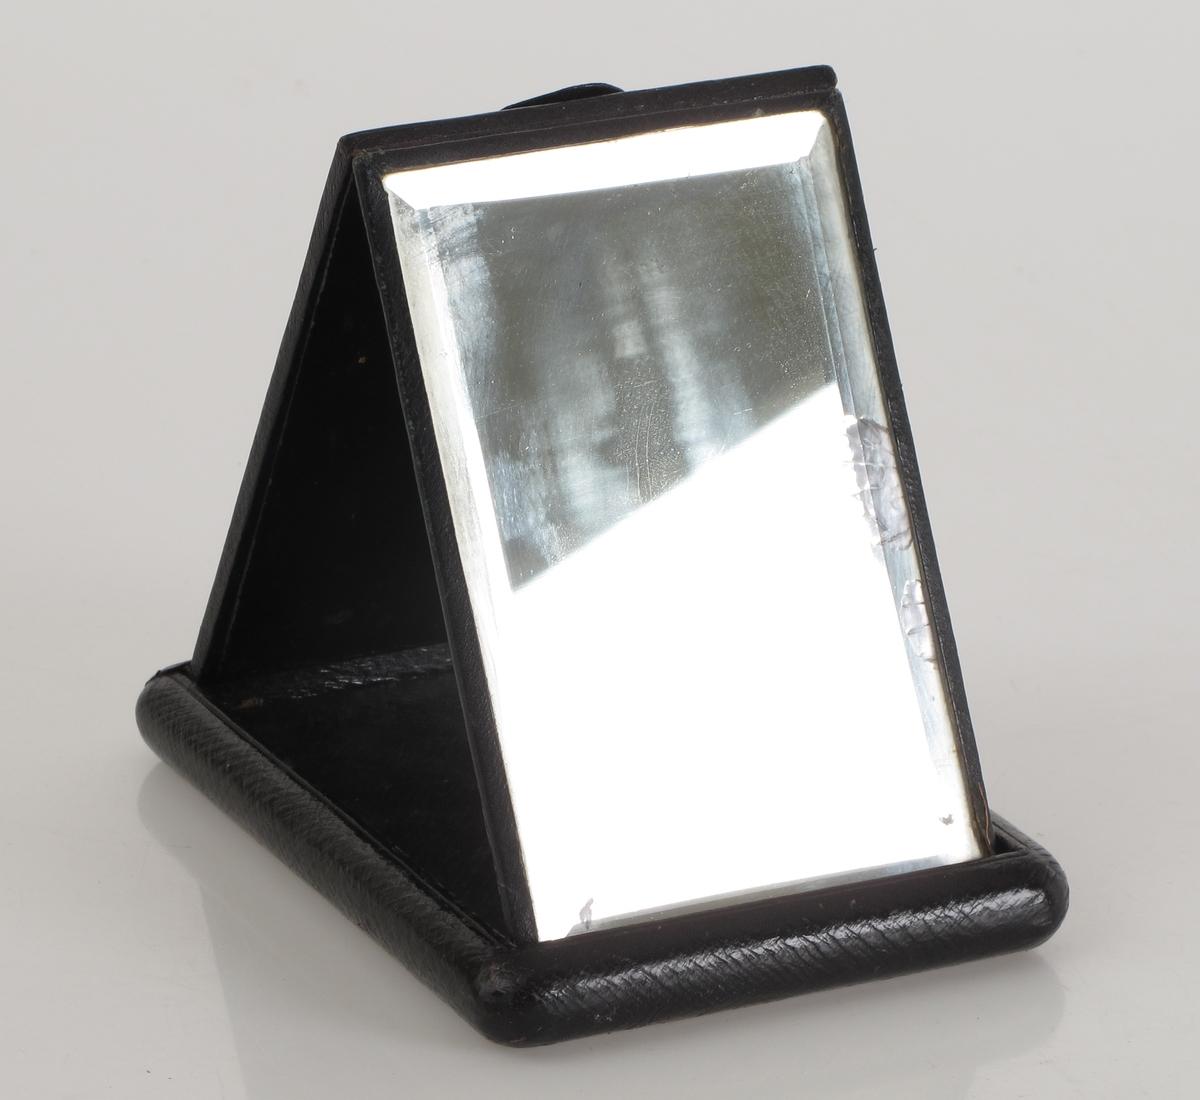 Lommebarberstell med skinntrukket etui trukket m. sort maroquin. Kan åpnes og et speil m. slepen kant oppstilles. Hempe i lokket.